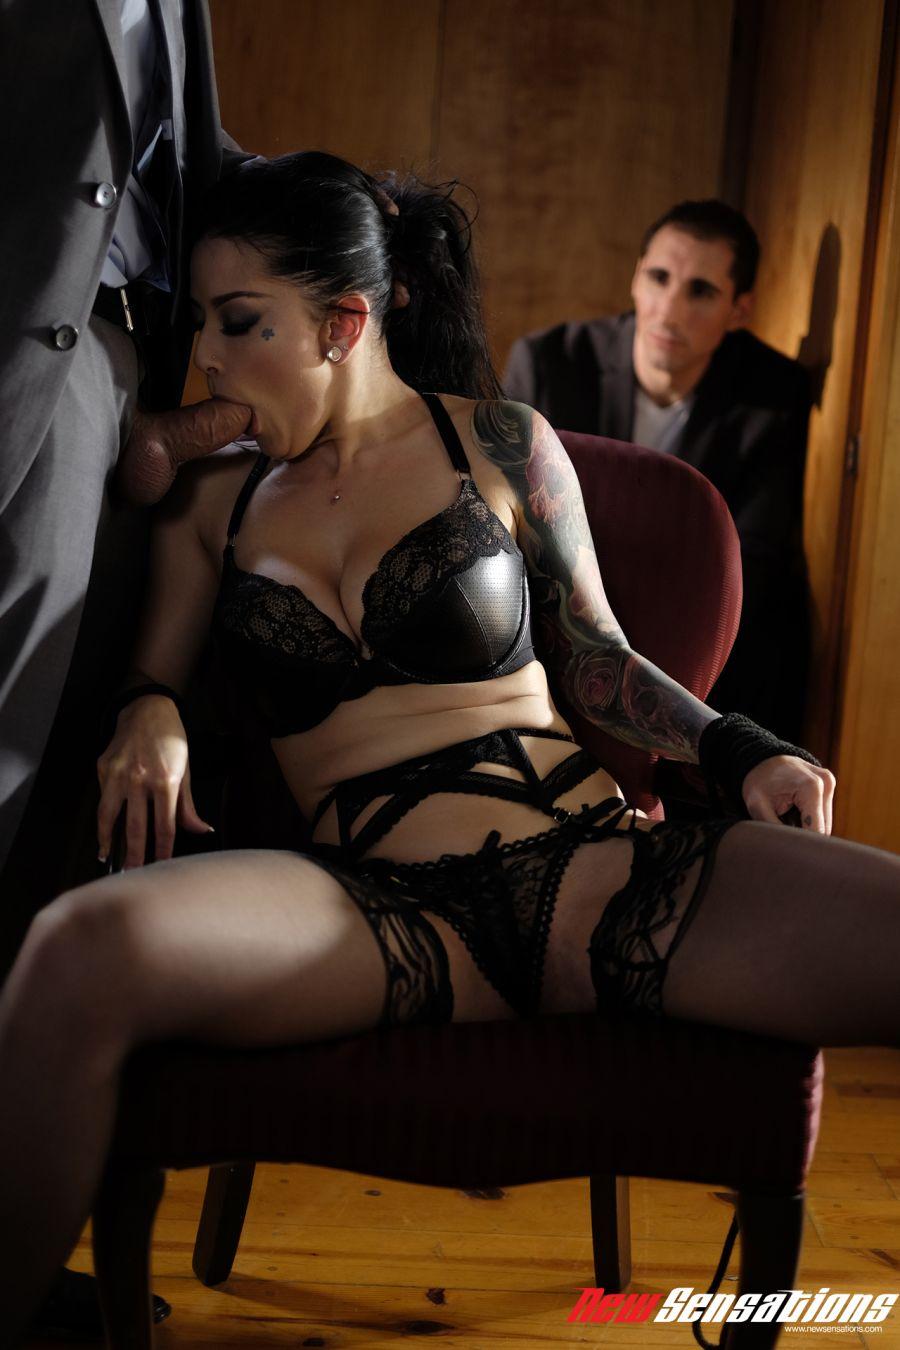 Katrina-Jade-laat-zich-neuken-echtgenoot-kijkt-toe-003